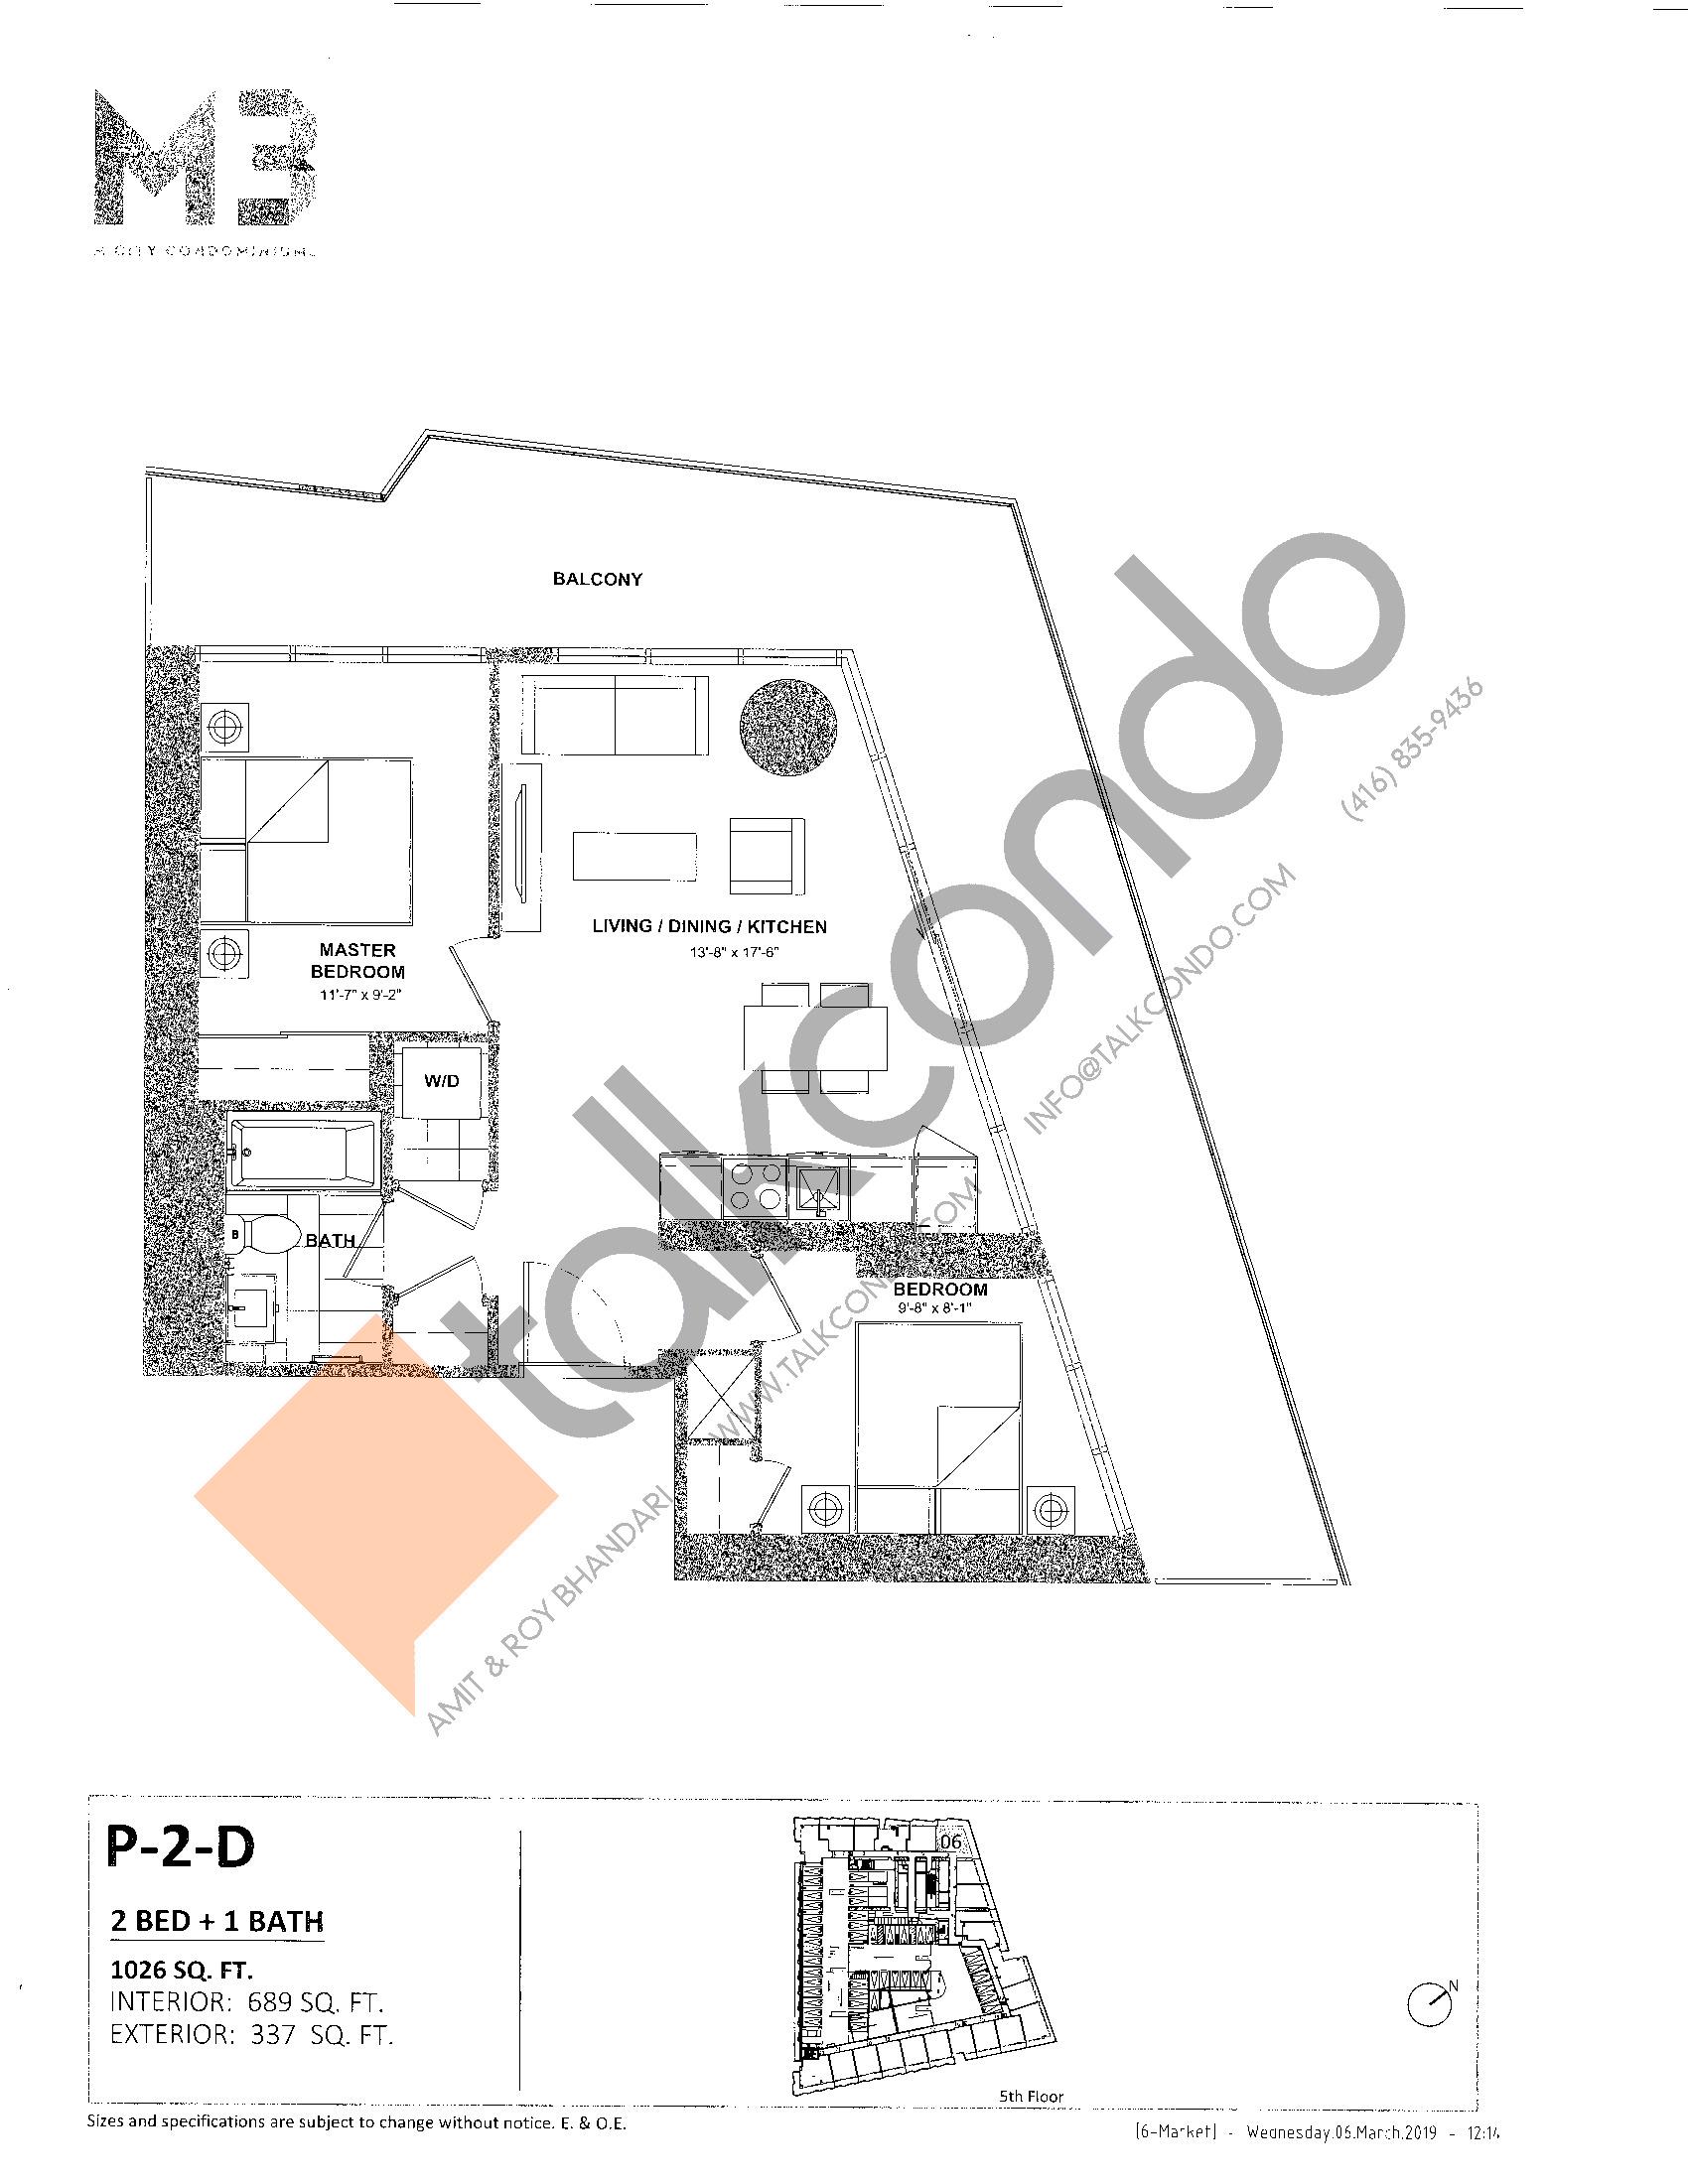 P-2-D Floor Plan at M3 Condos - 689 sq.ft